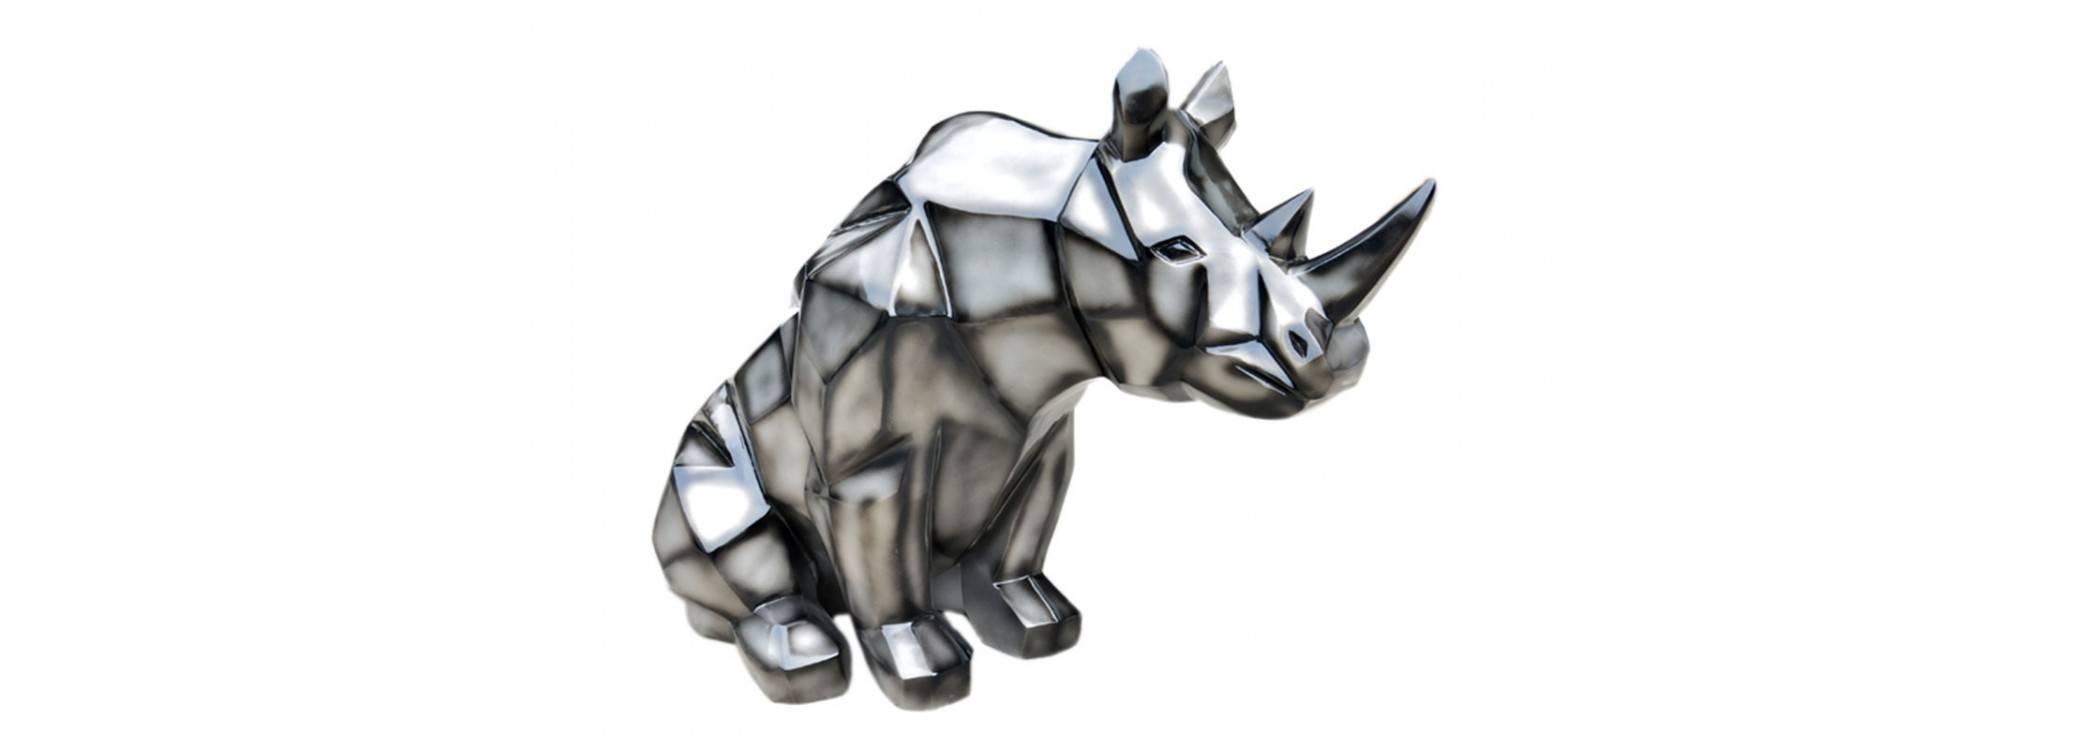 Statue de rhinocéros style origami en résine - L117 cm